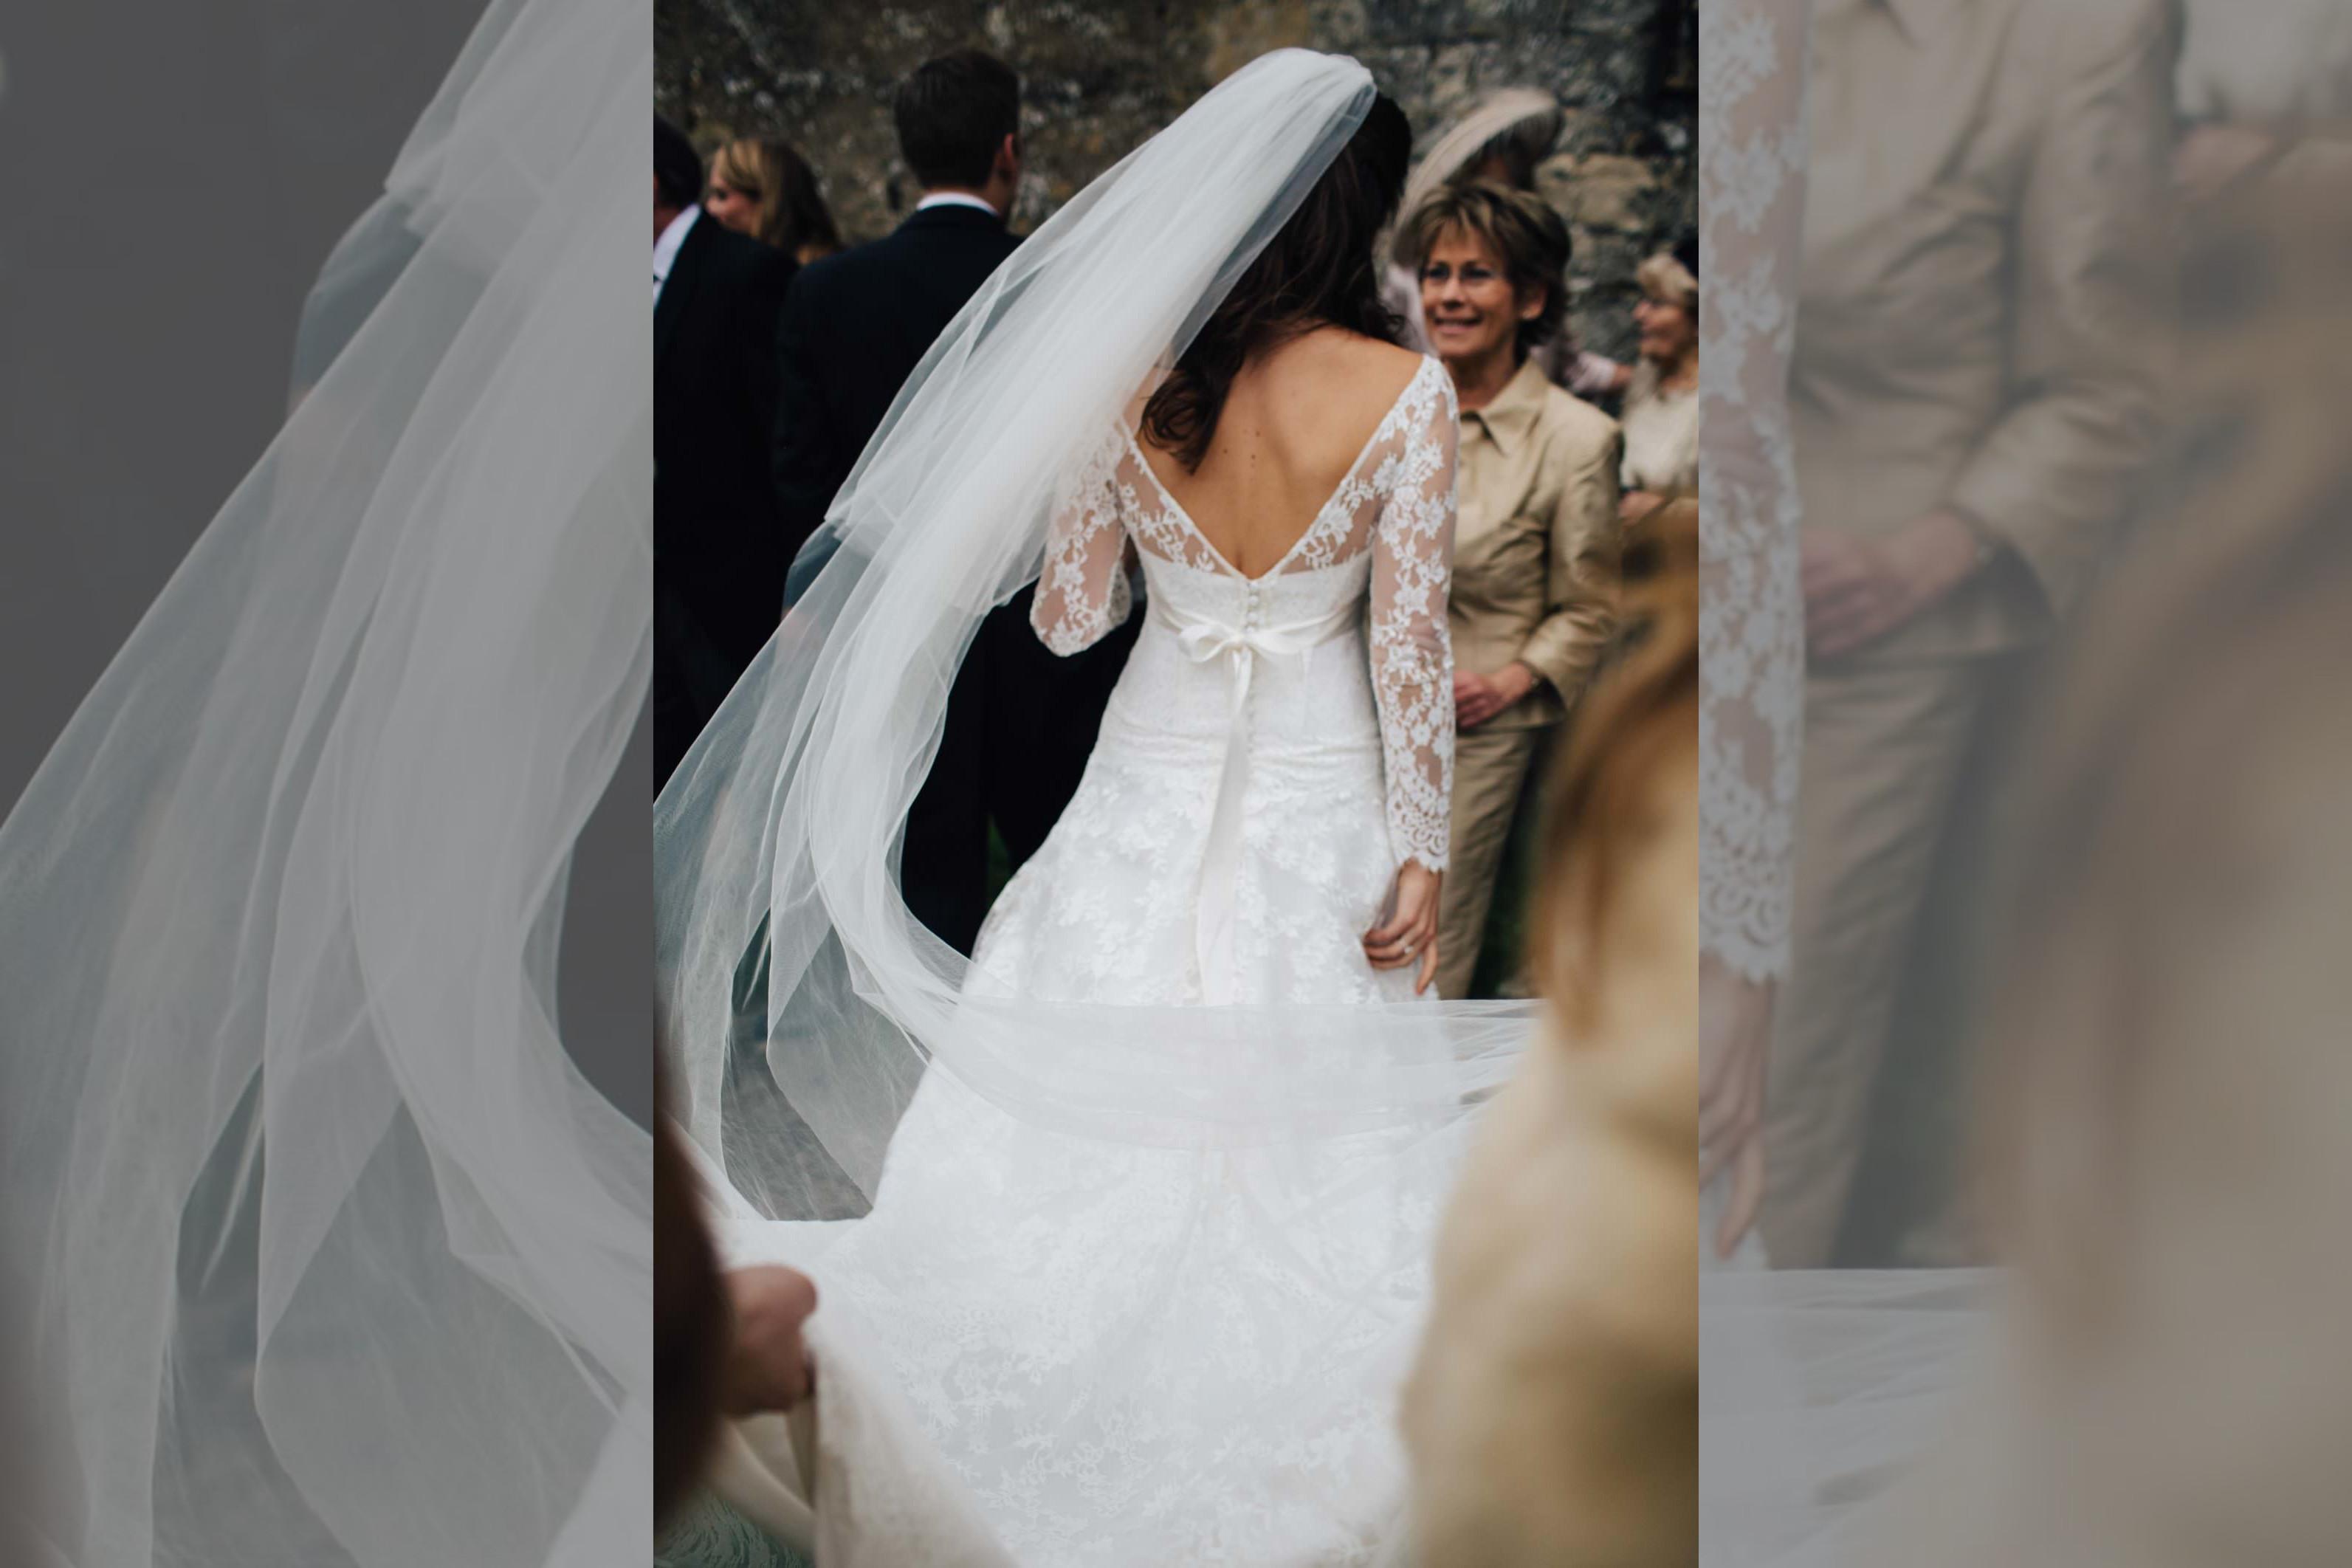 Bridebook.co.uk- bride with veil trailing behind her